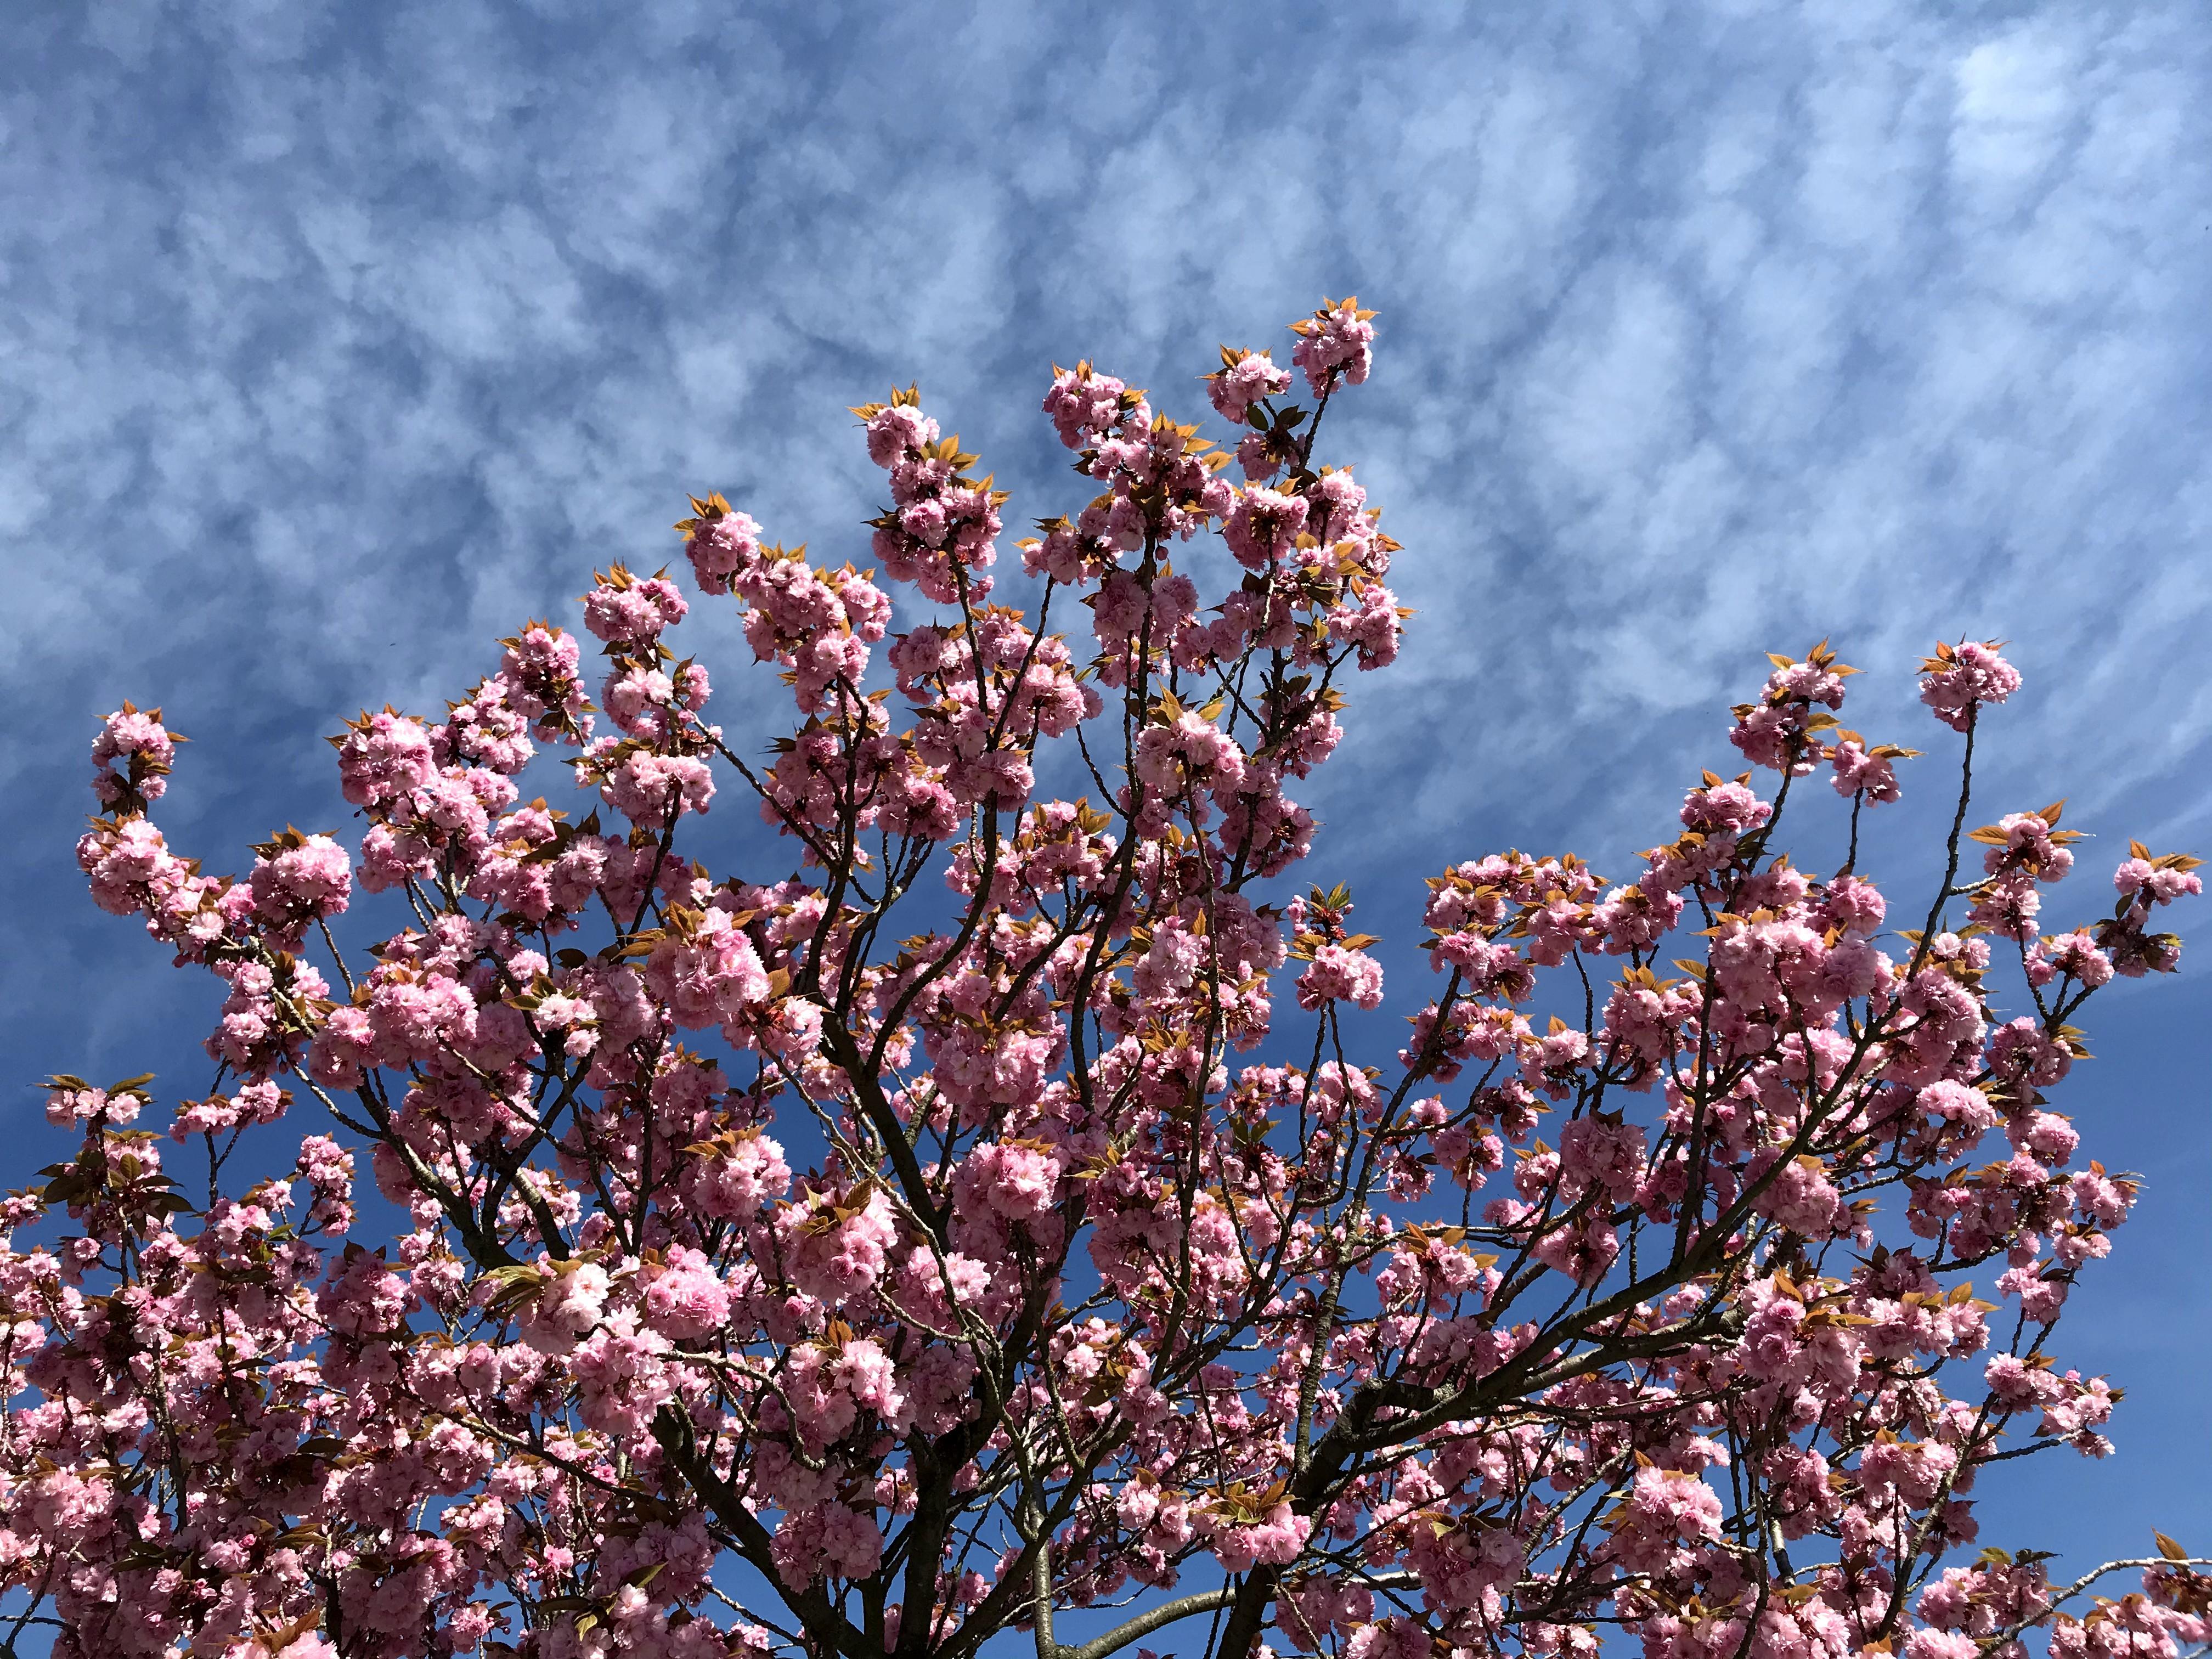 Rosa Kirschblüten und blauer Himmel